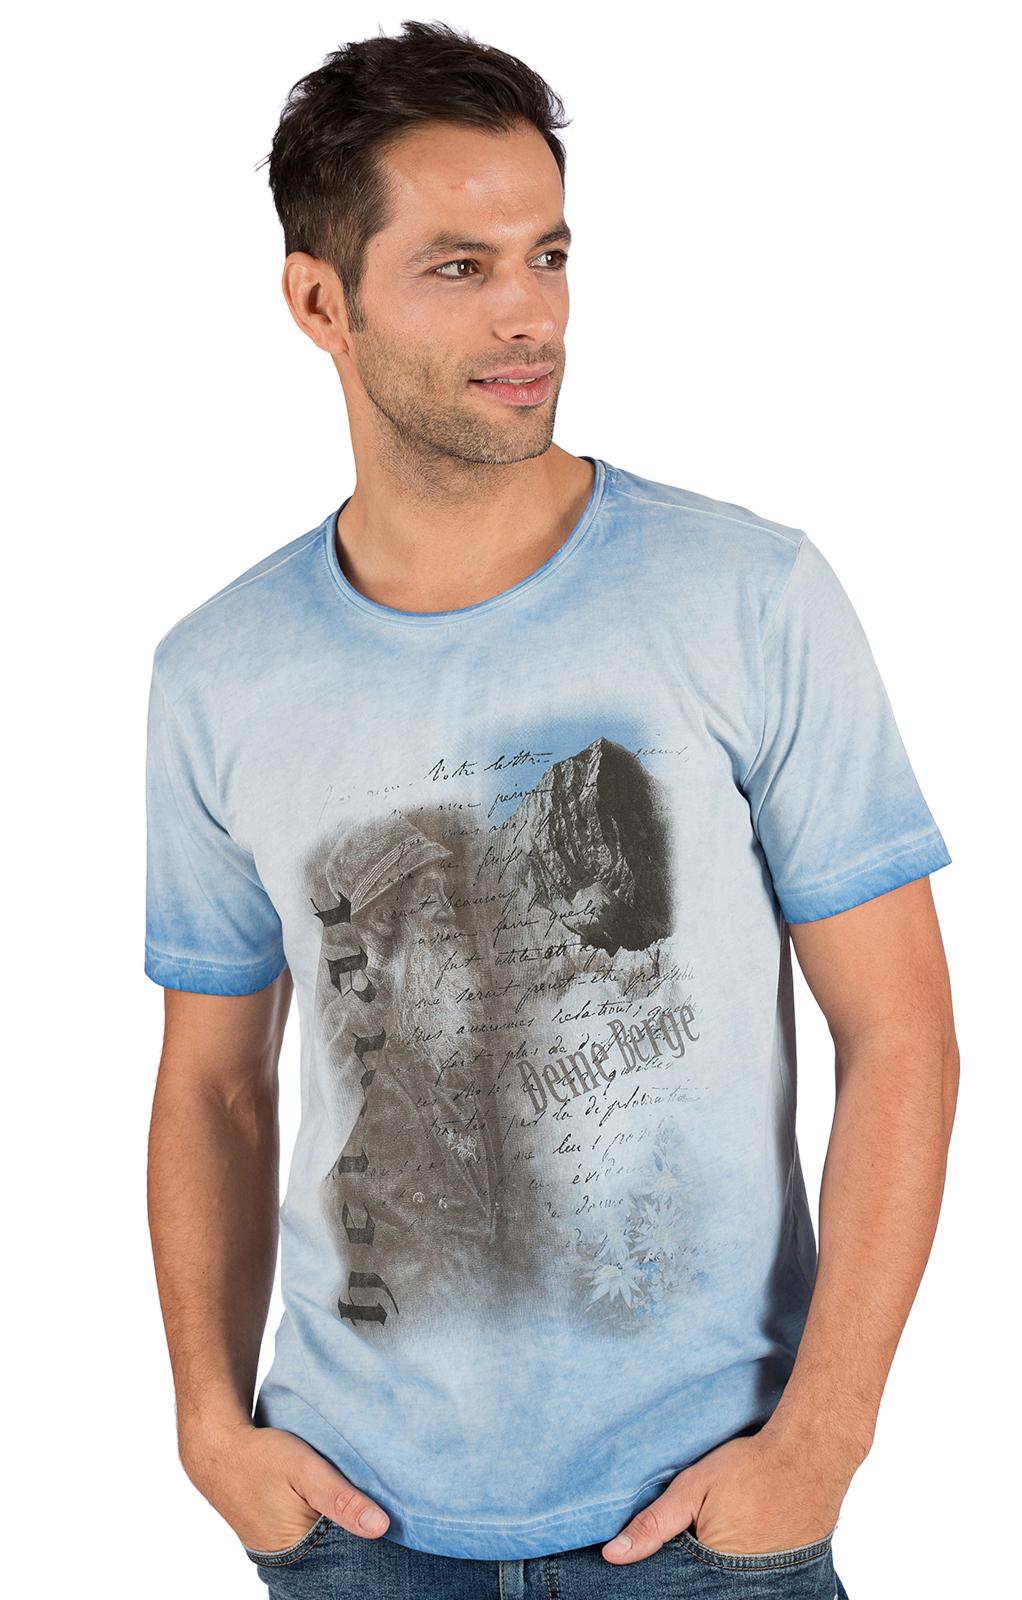 Trachten T-Shirt FYNN hellblau von OS-Trachten